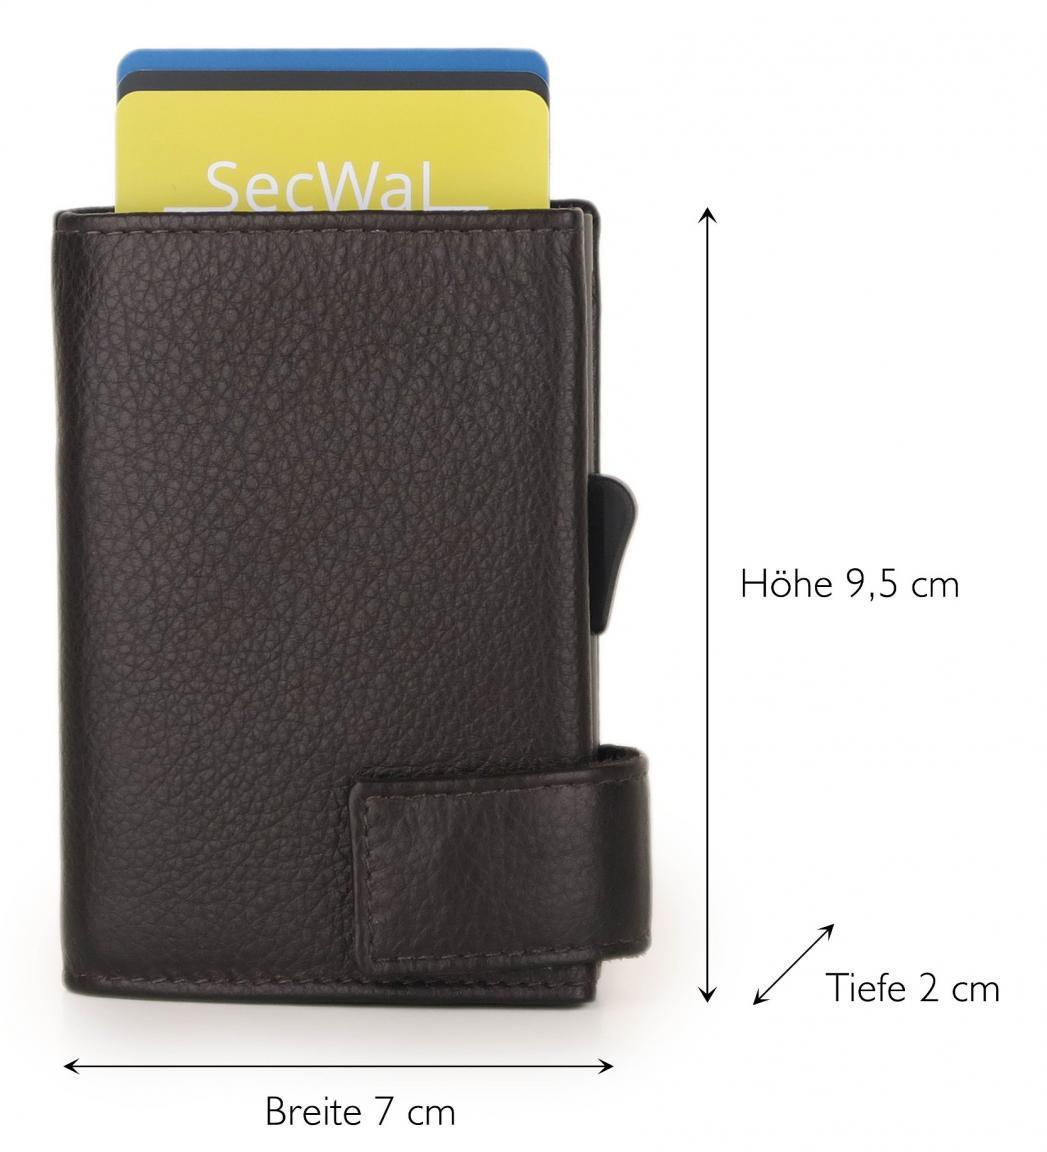 SecWal Gedbörse Metallhülle für Karten RFID Schutz Dunkelbraun